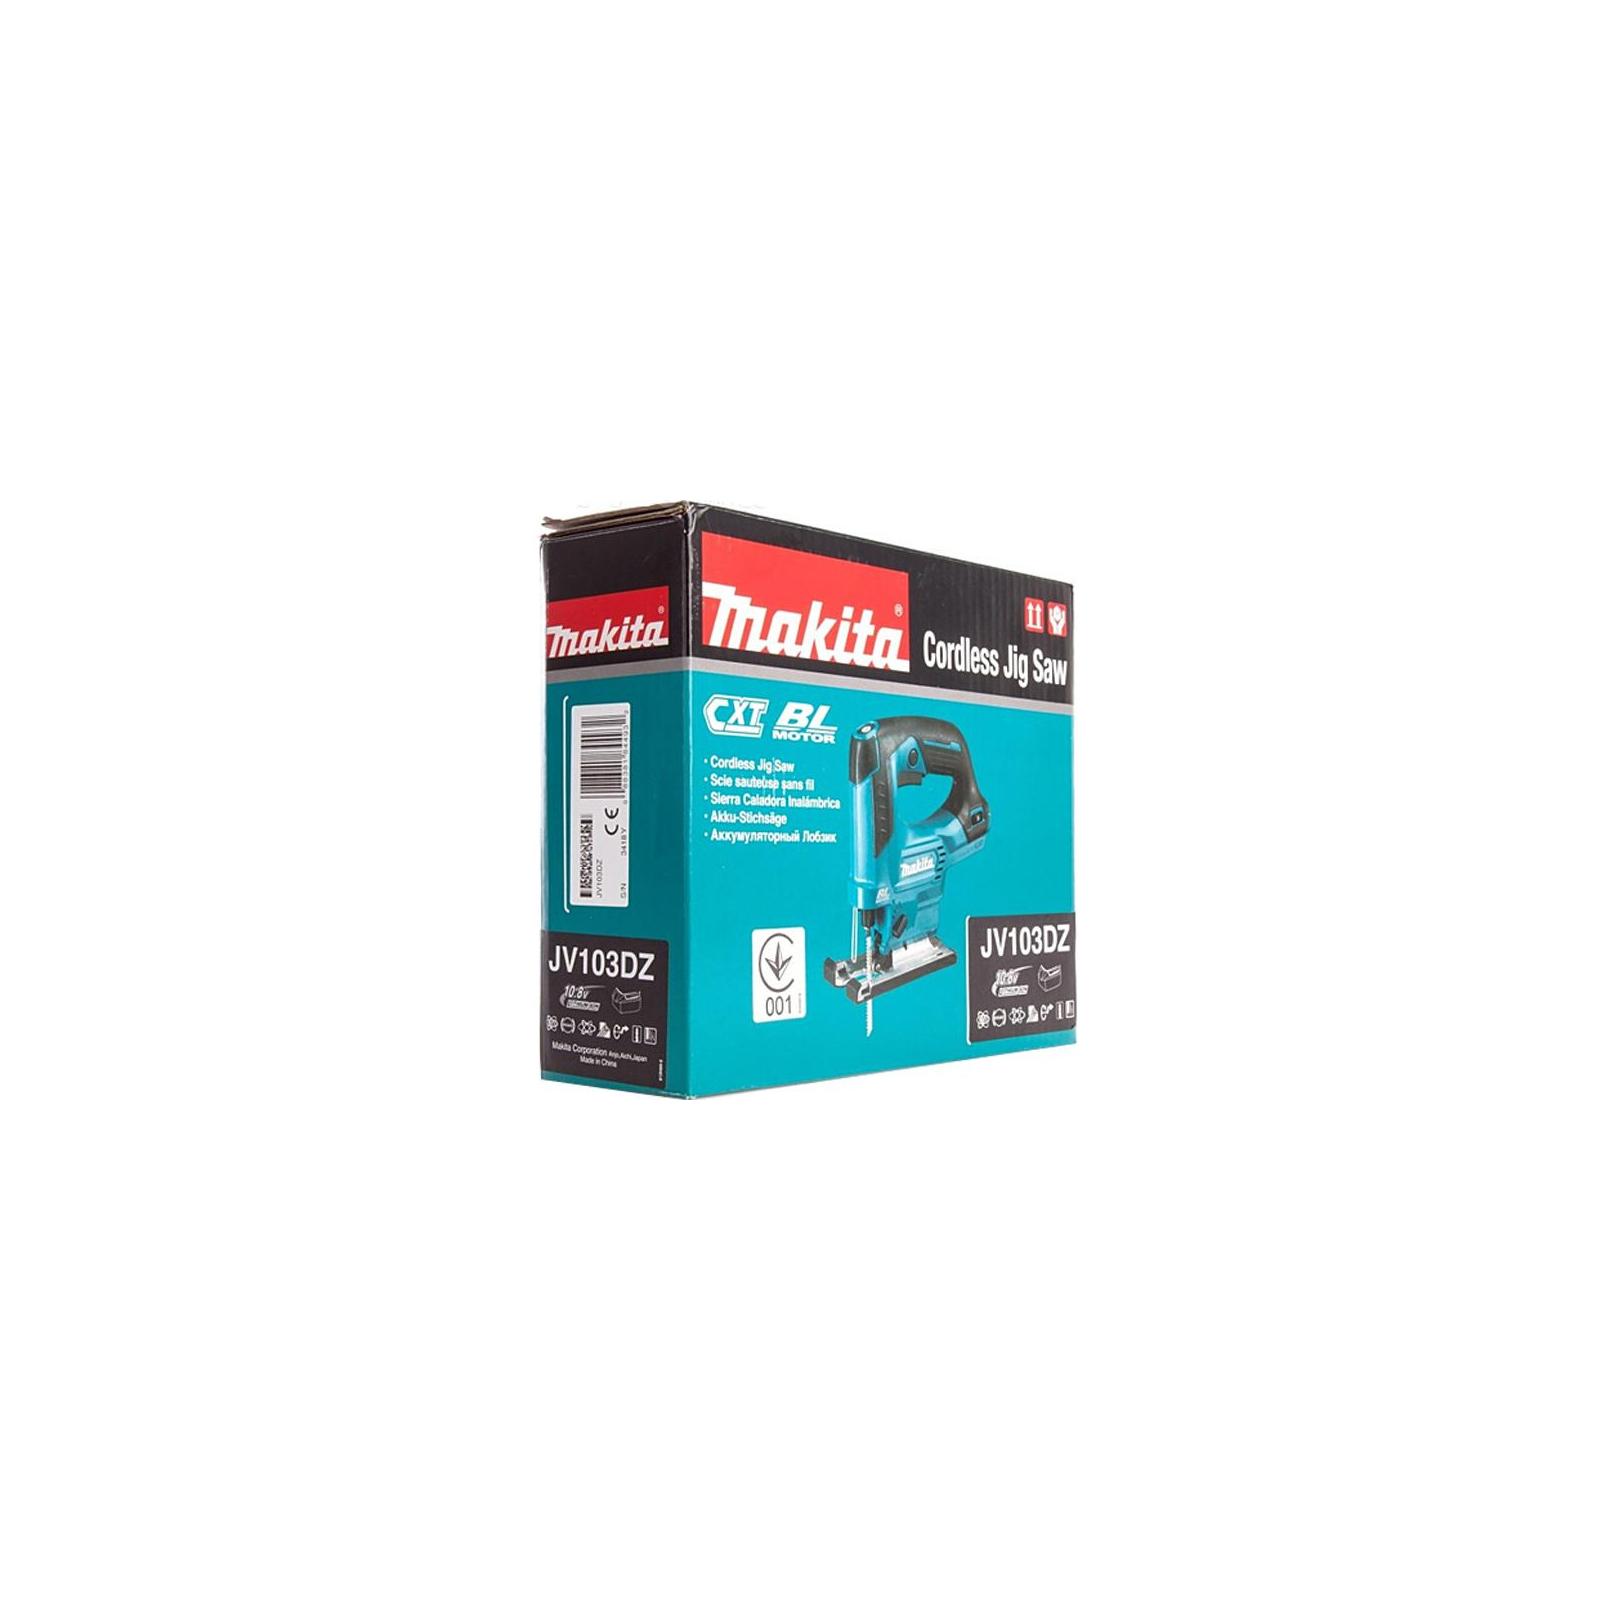 Дискова пила Makita по металлу LXT, 135мм (без АКБ и БП) (DCS552Z) зображення 6